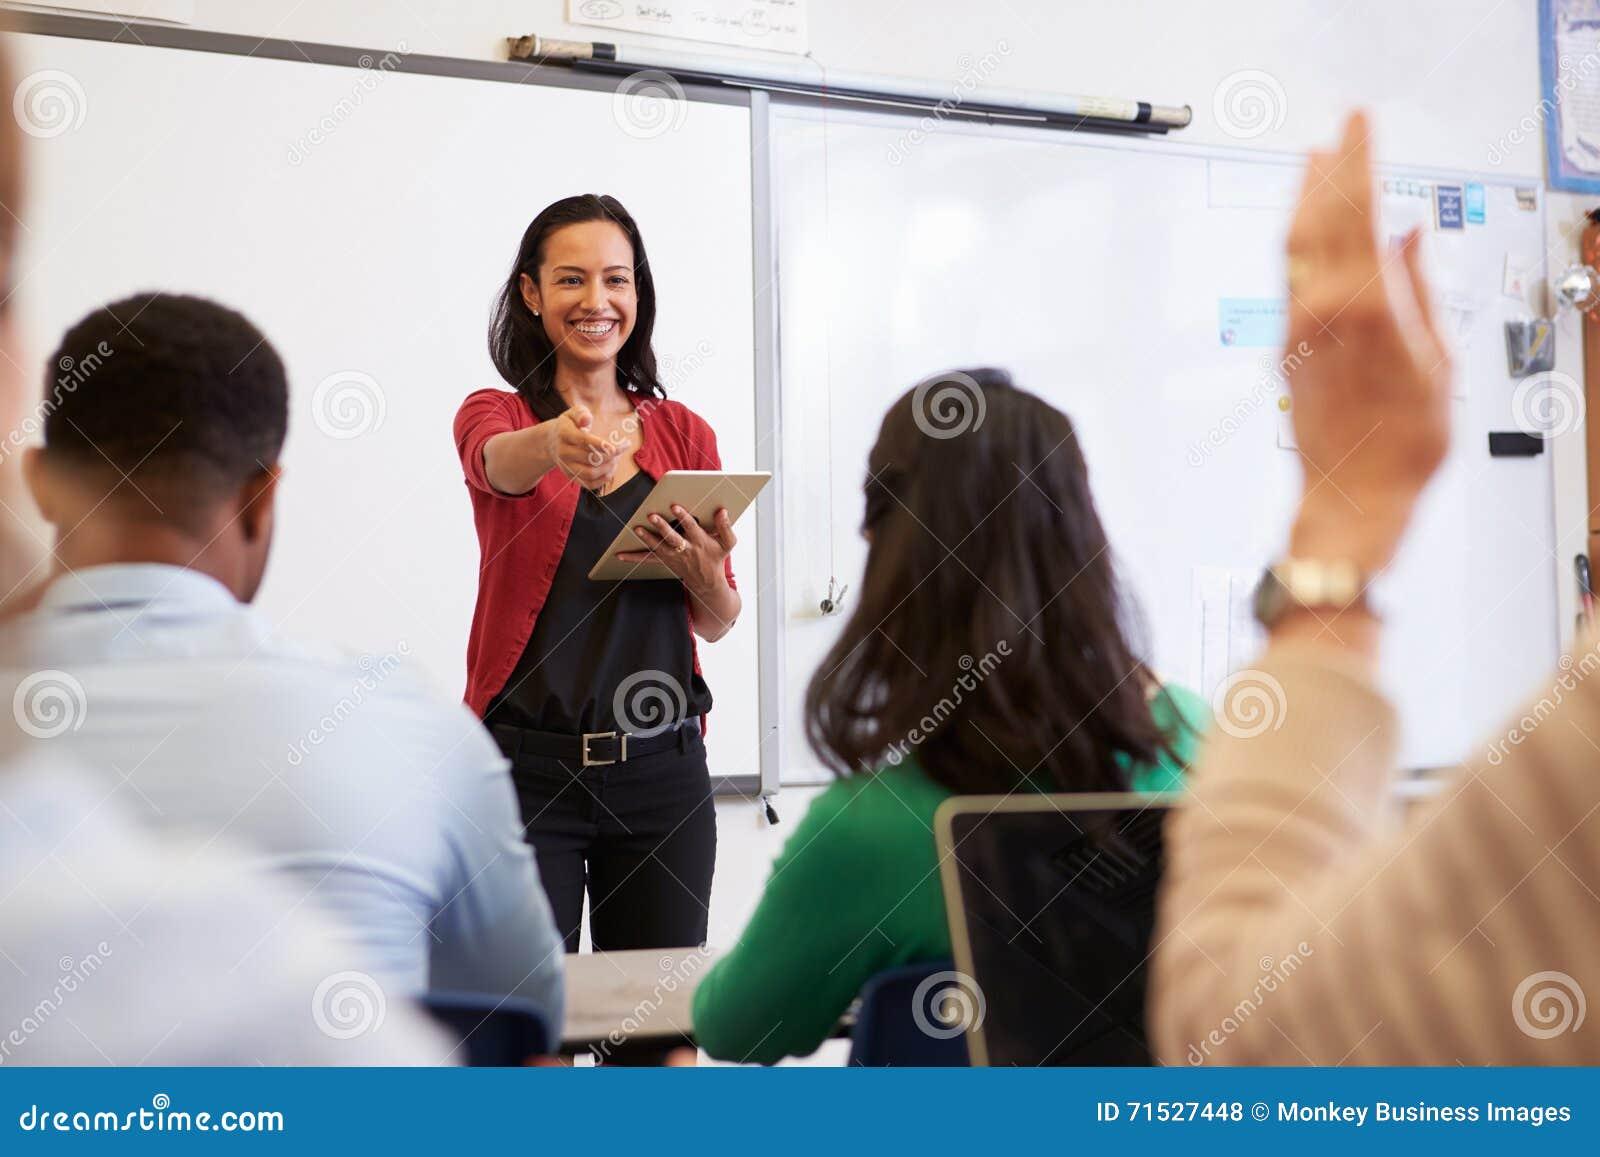 Δάσκαλος με την ταμπλέτα και σπουδαστές σε μια κατηγορία εκπαίδευσης ενηλίκων